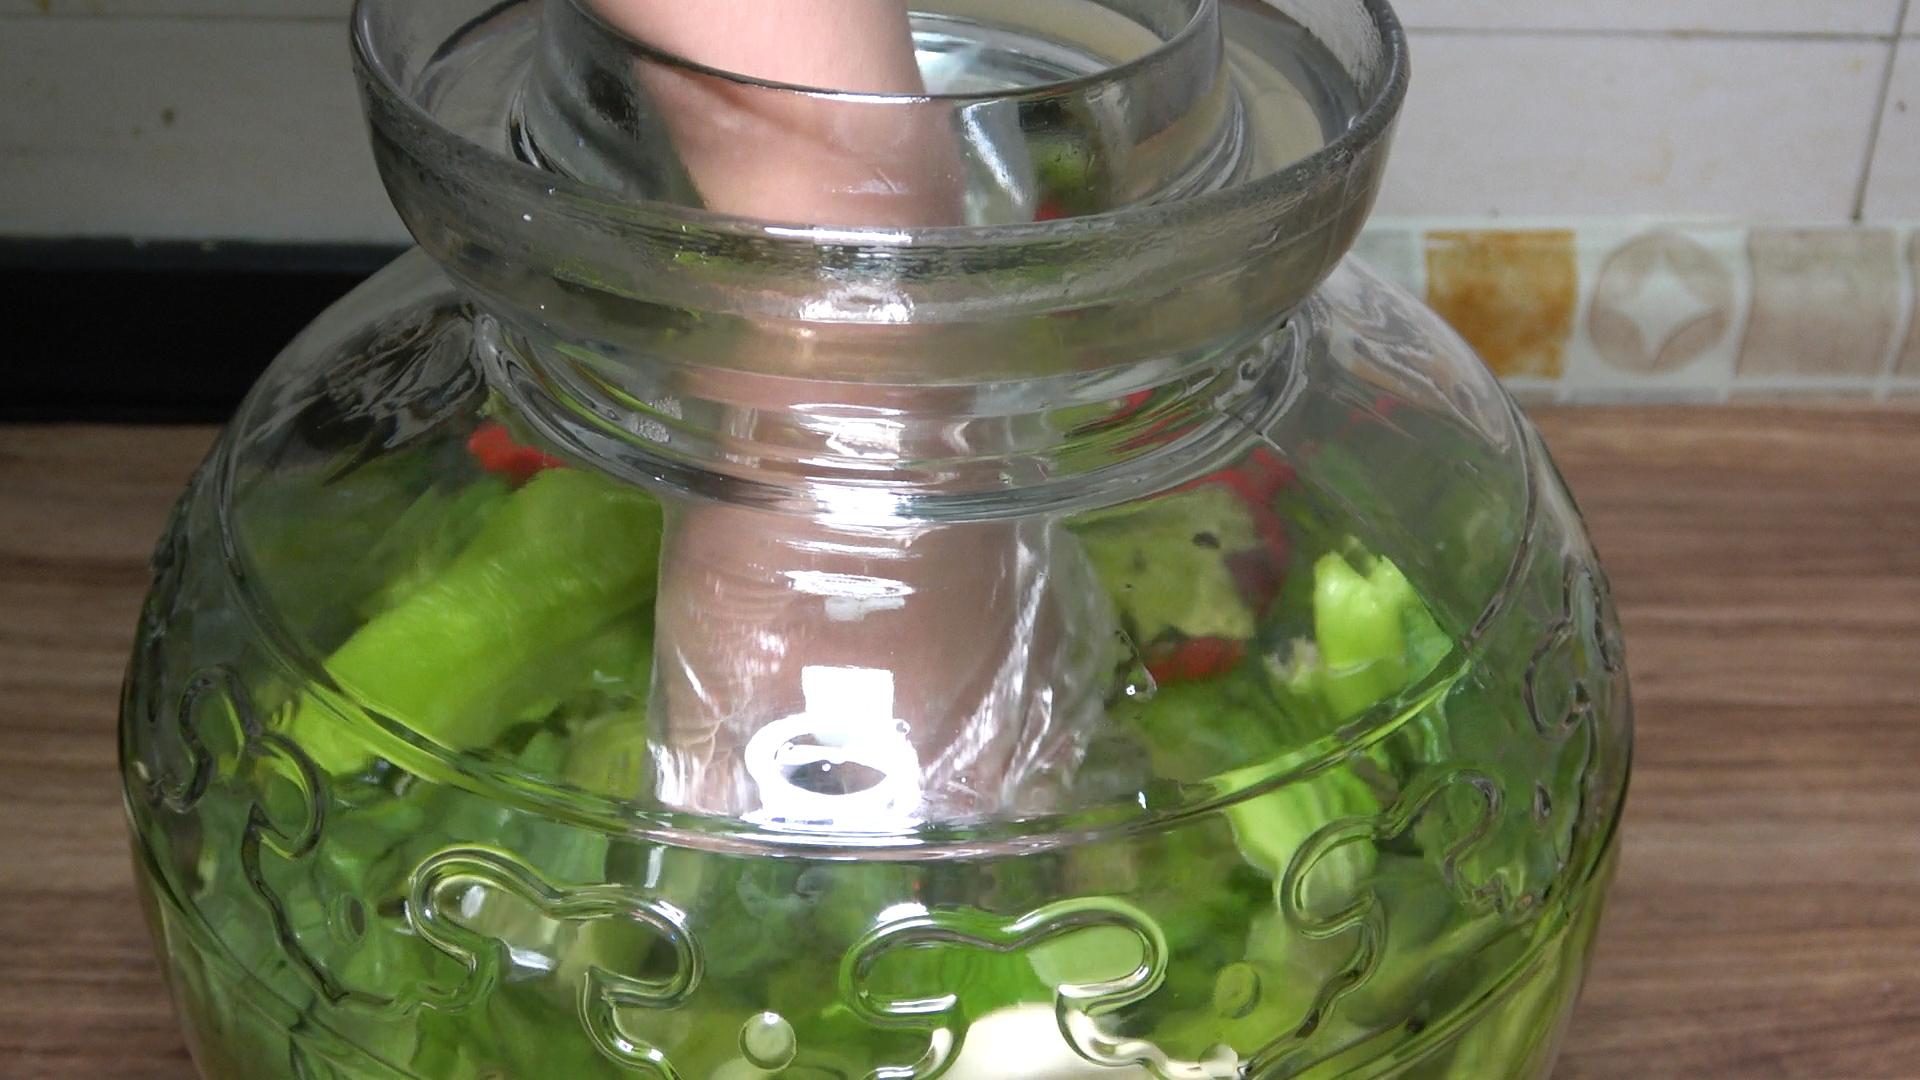 泡酸菜别只加盐,30年老方法告诉你,又酸又脆,放一年不会坏